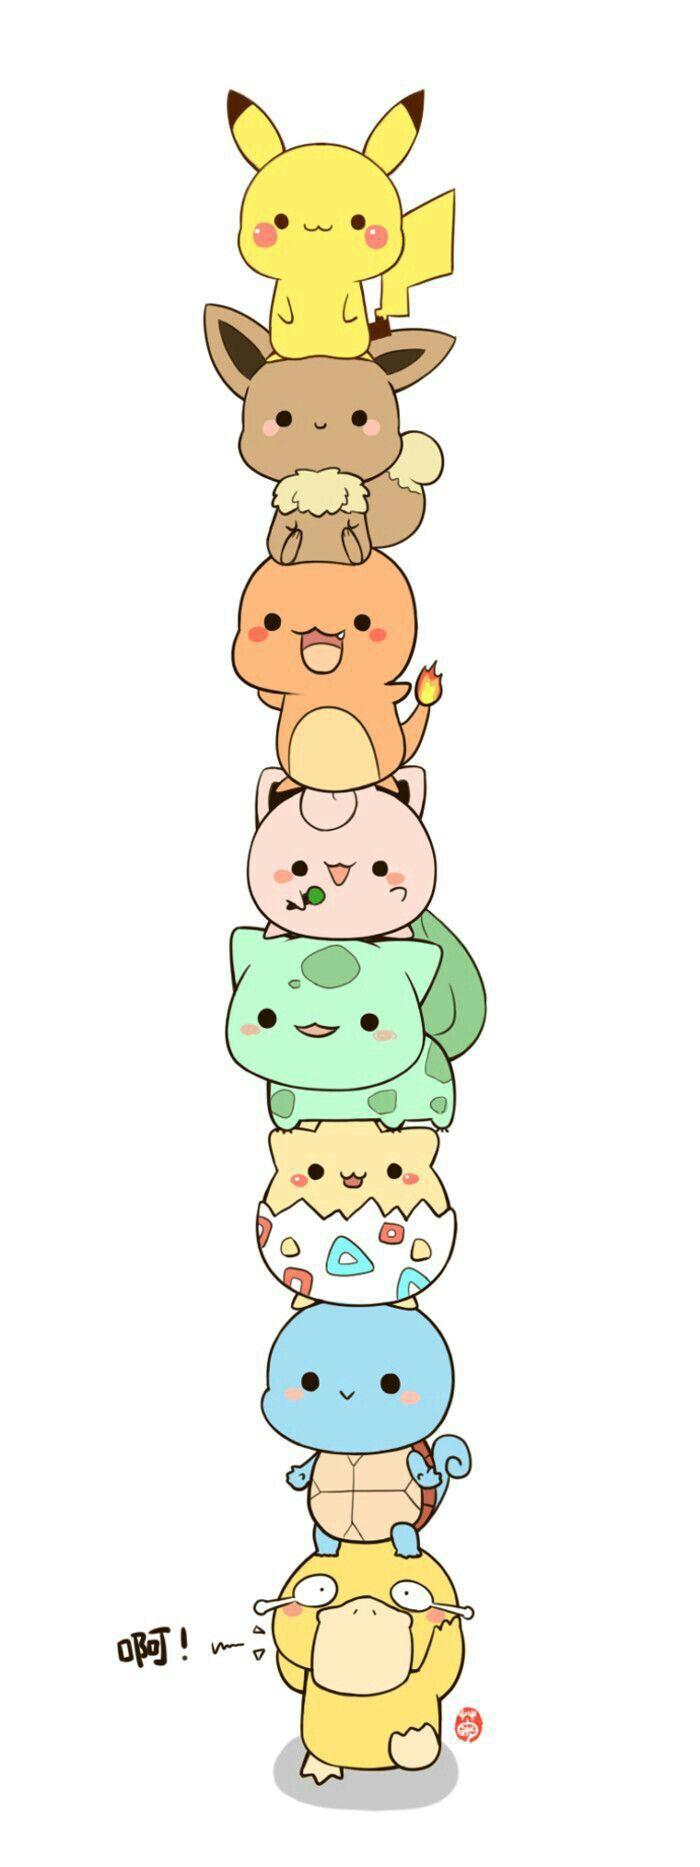 Pokemon Scp 849 Wwwmiifotoscom